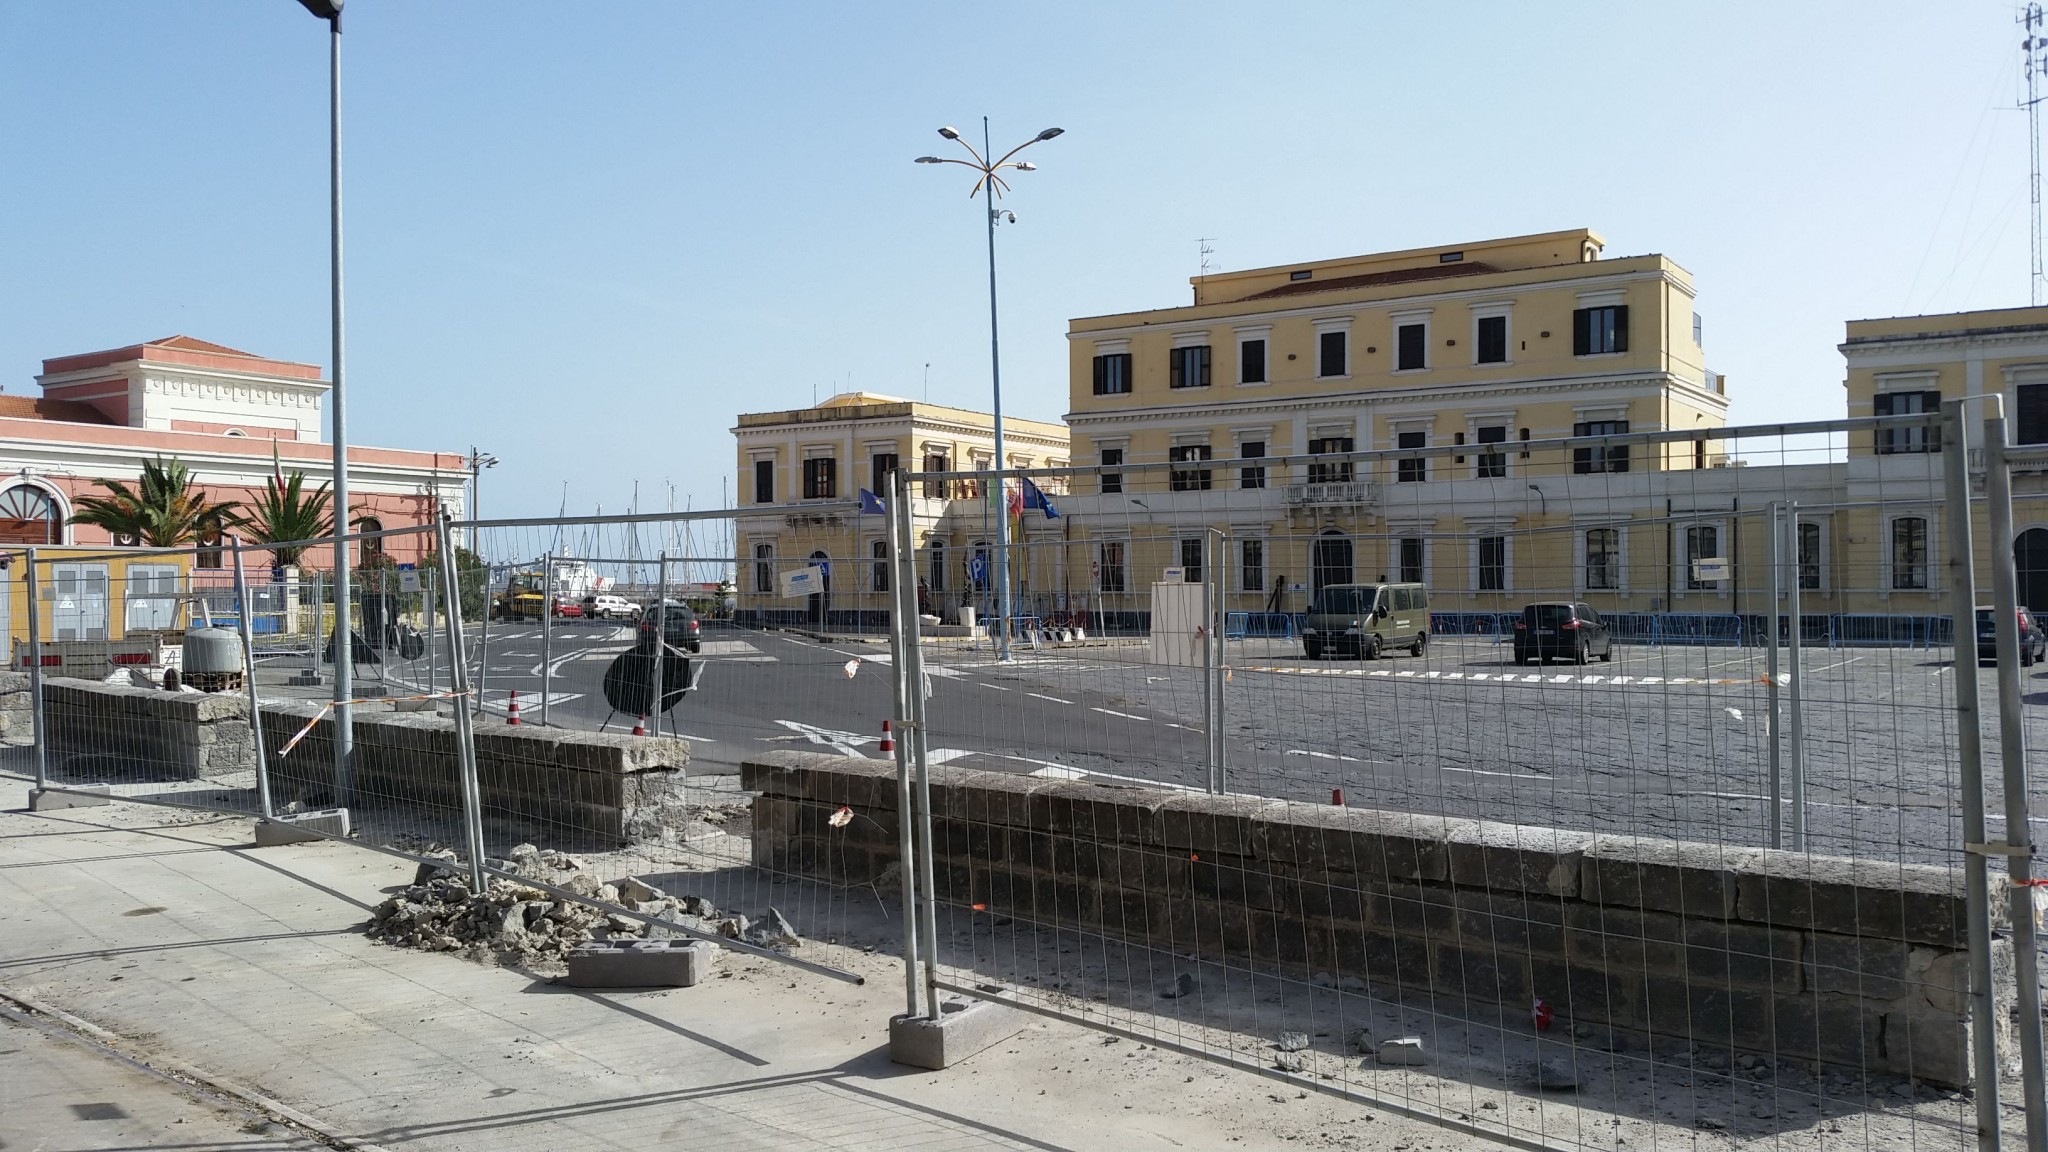 La vecchia sede della Capitaneria di Porto di Catania. A sinistra, la vecchia dogana